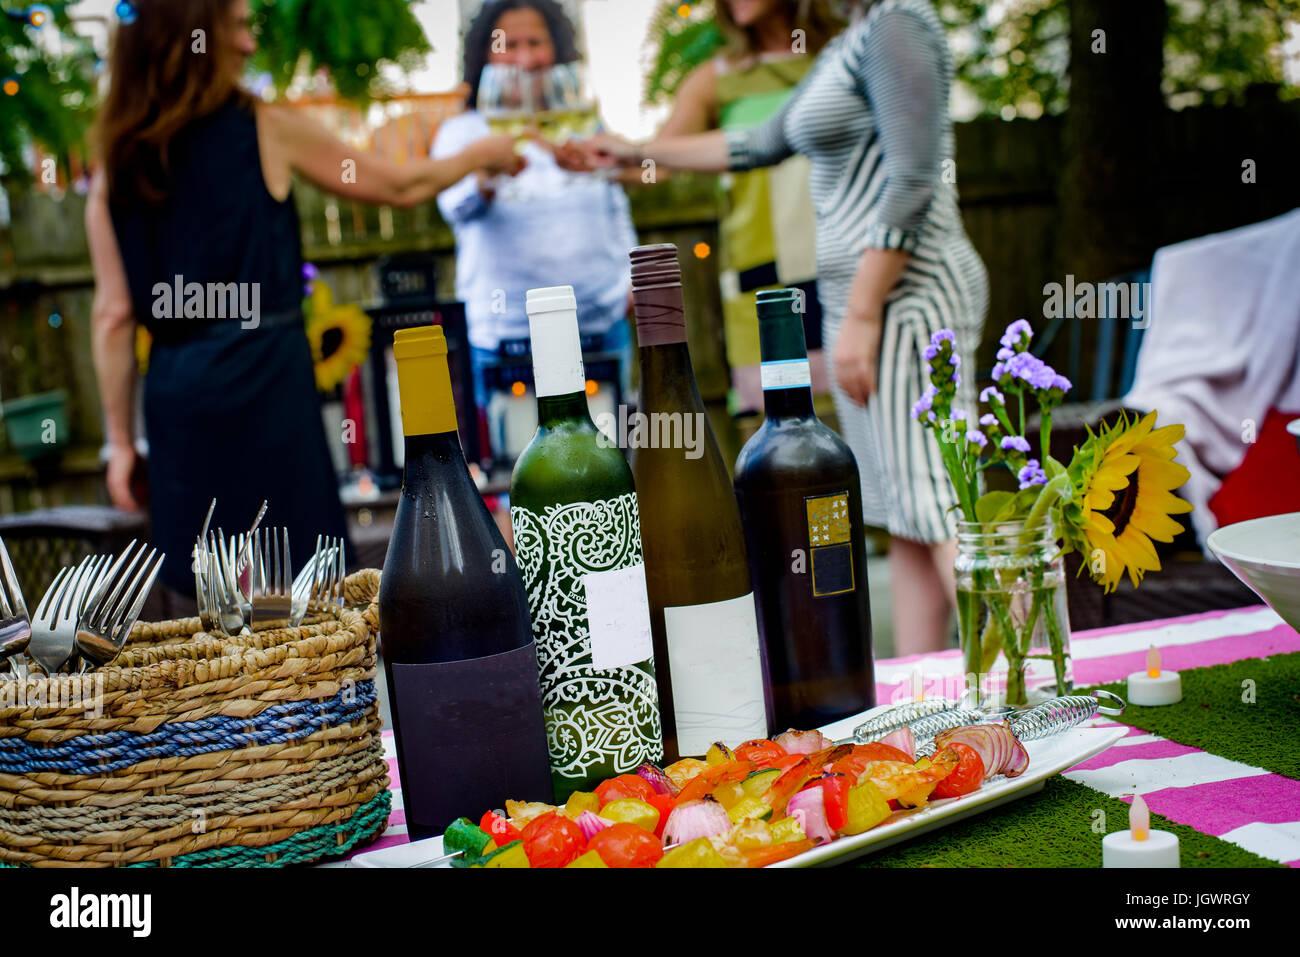 Gruppe von Frauen bei der Gartenparty, Weingläser halten, so dass Toast, Wein-Flaschen auf den Tisch im Vordergrund Stockfoto